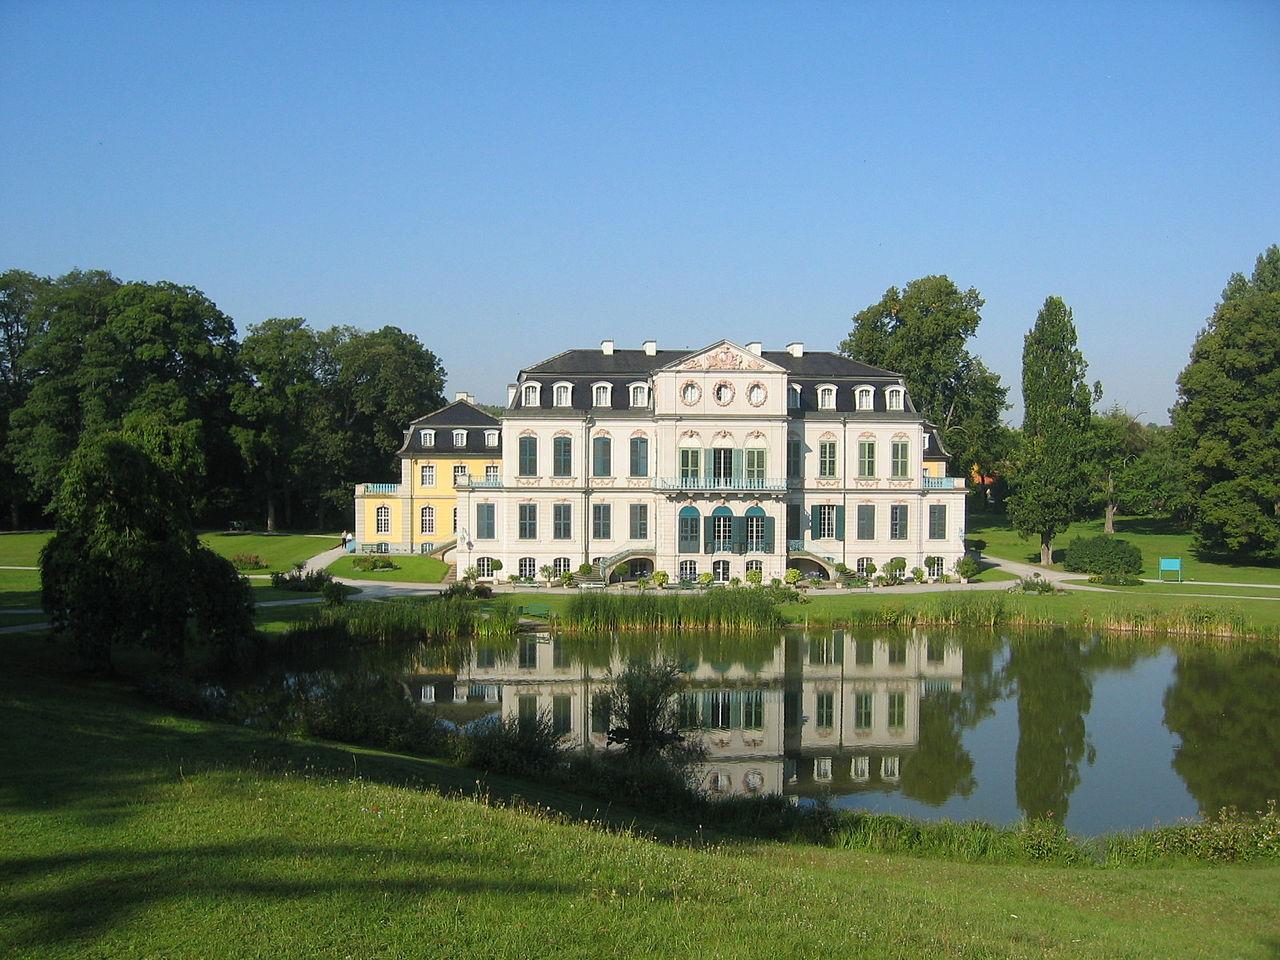 Bild Schloss Wilhelmsthal Calden